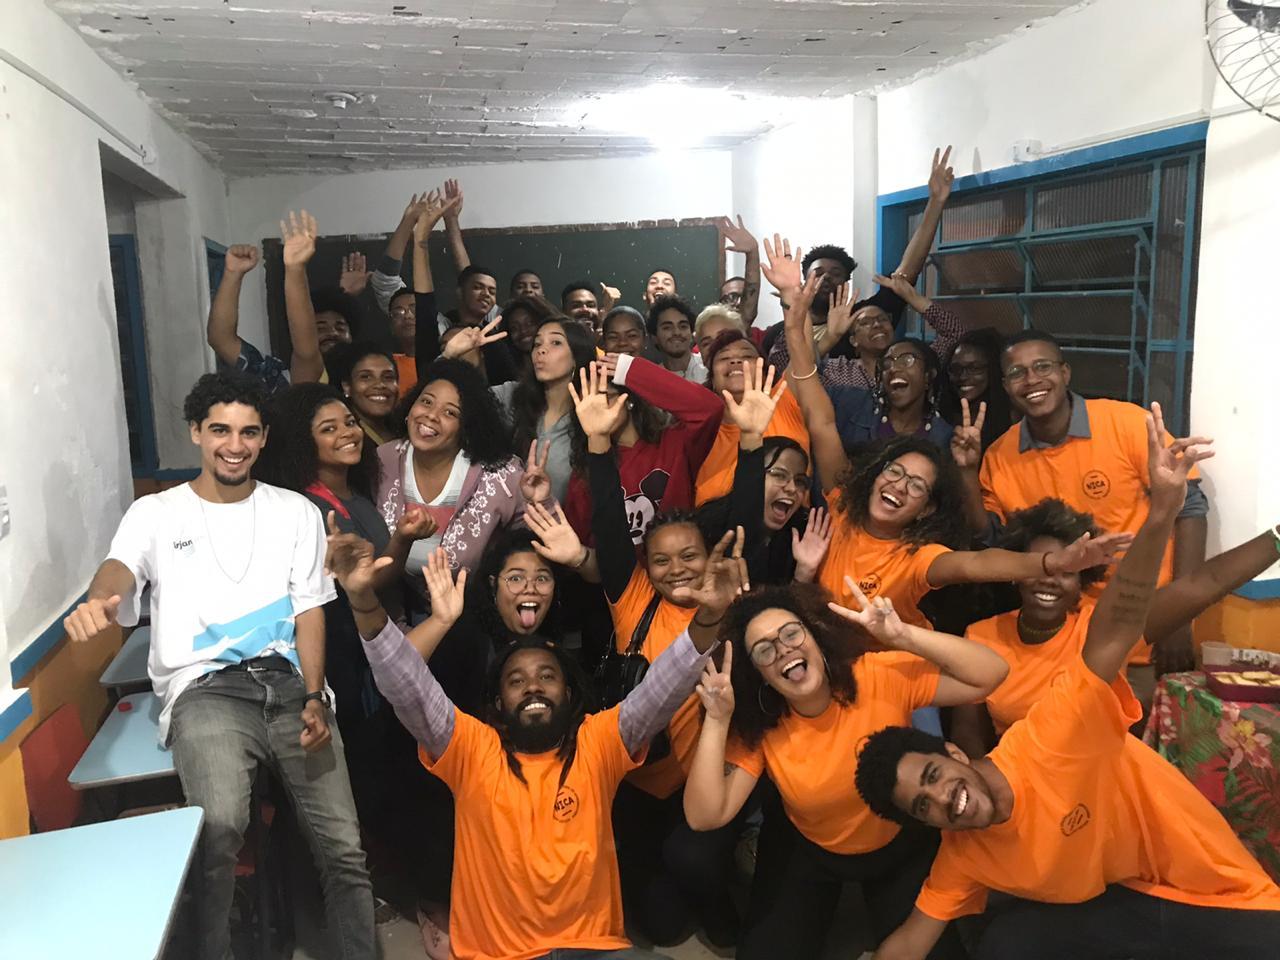 4G Para Estudar: Pré-vestibular do Jacarezinho busca apoio para garantir acesso à internet